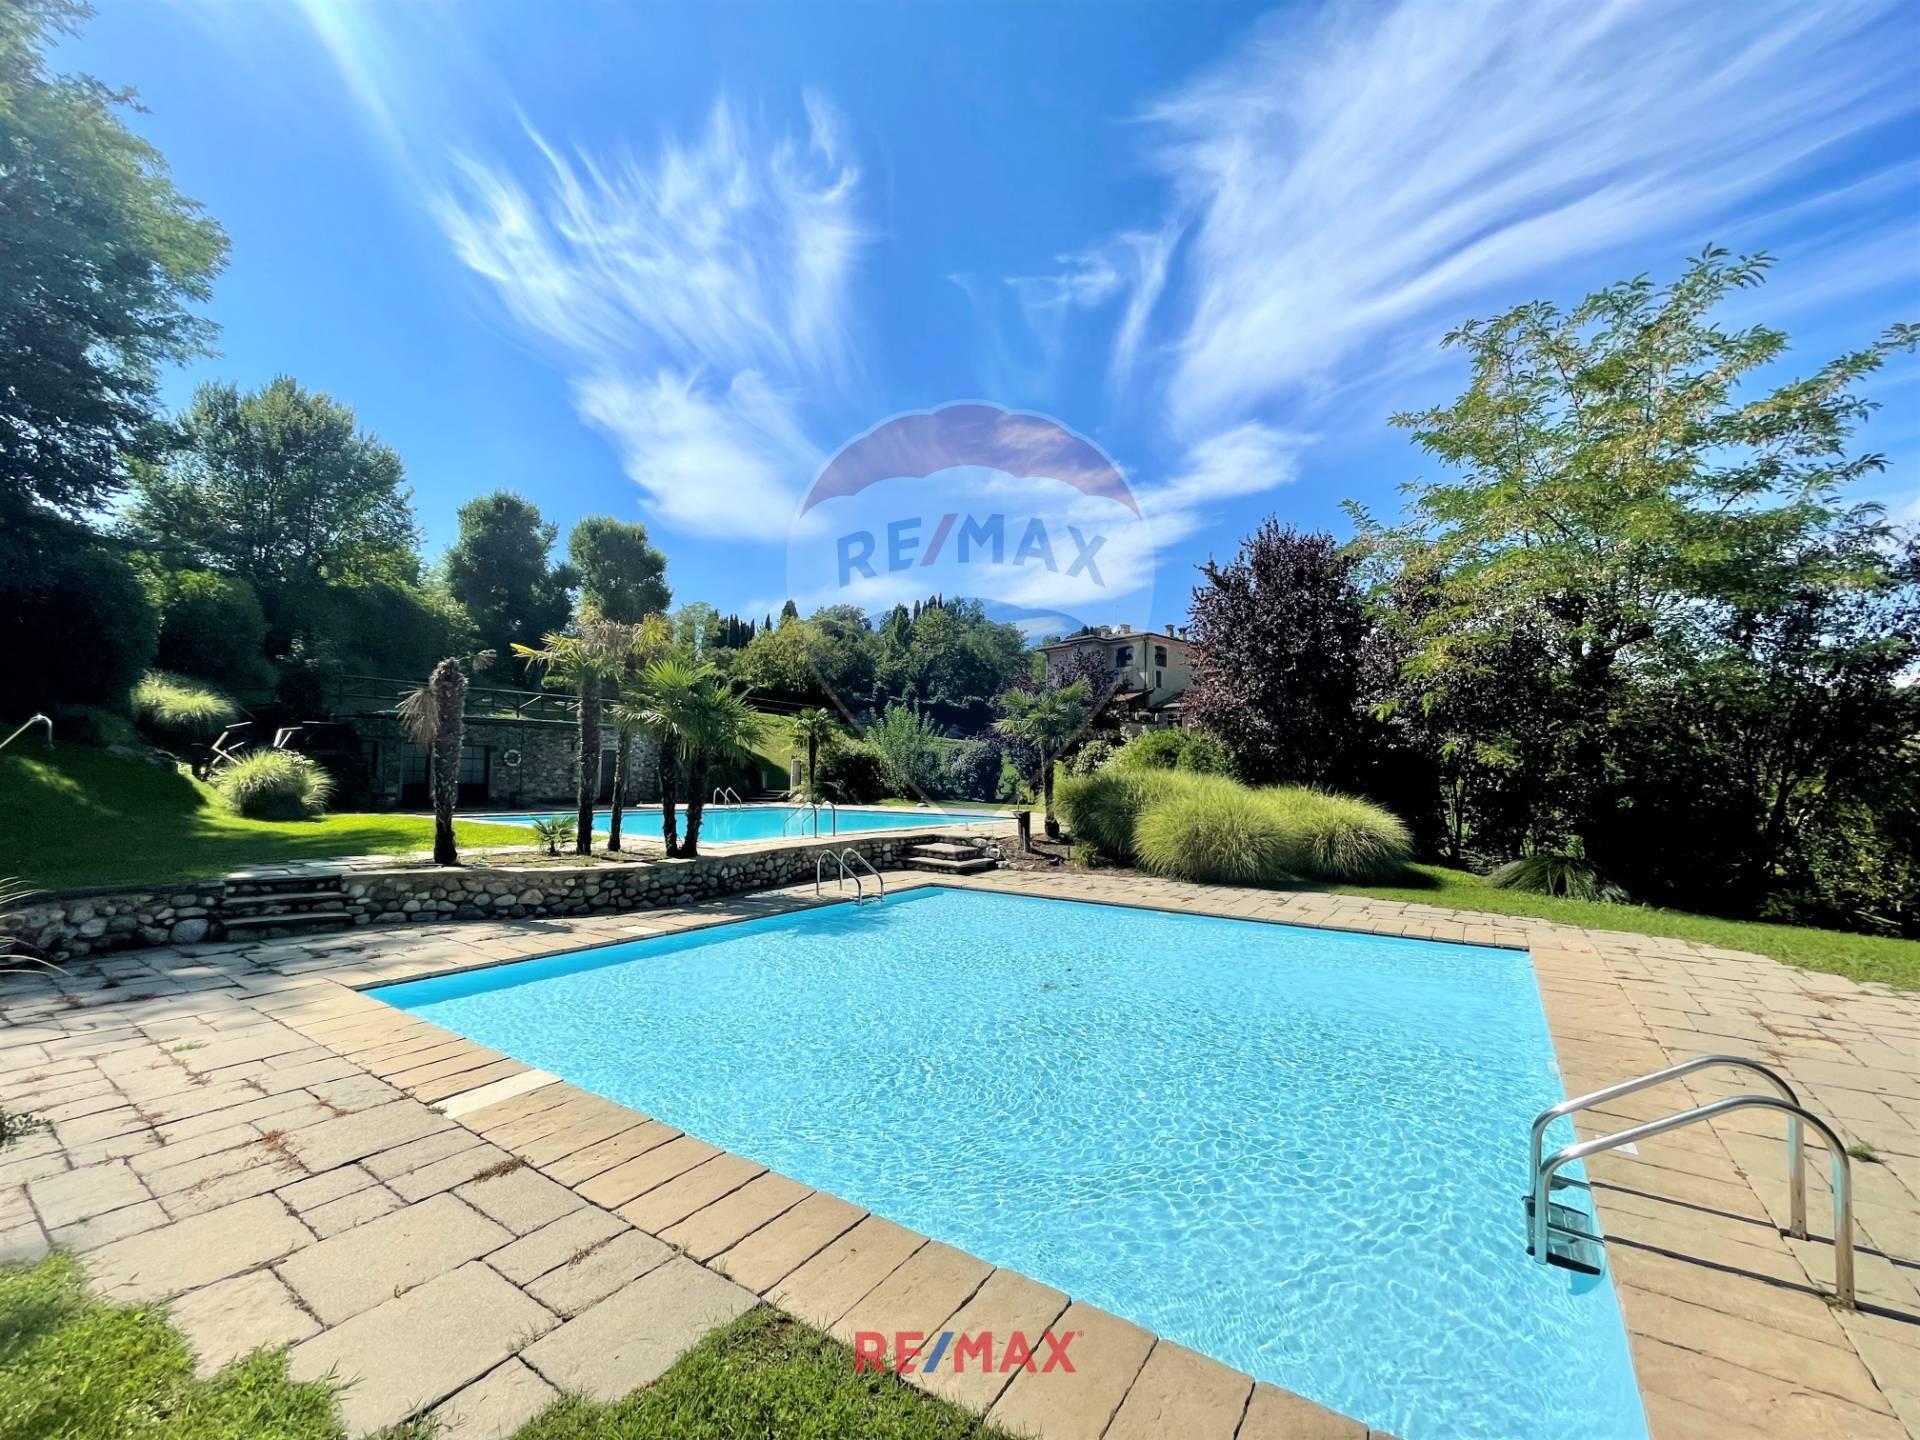 Appartamento in vendita a Desenzano del Garda, 6 locali, zona Località: DesenzanodelGarda, prezzo € 760.000 | PortaleAgenzieImmobiliari.it